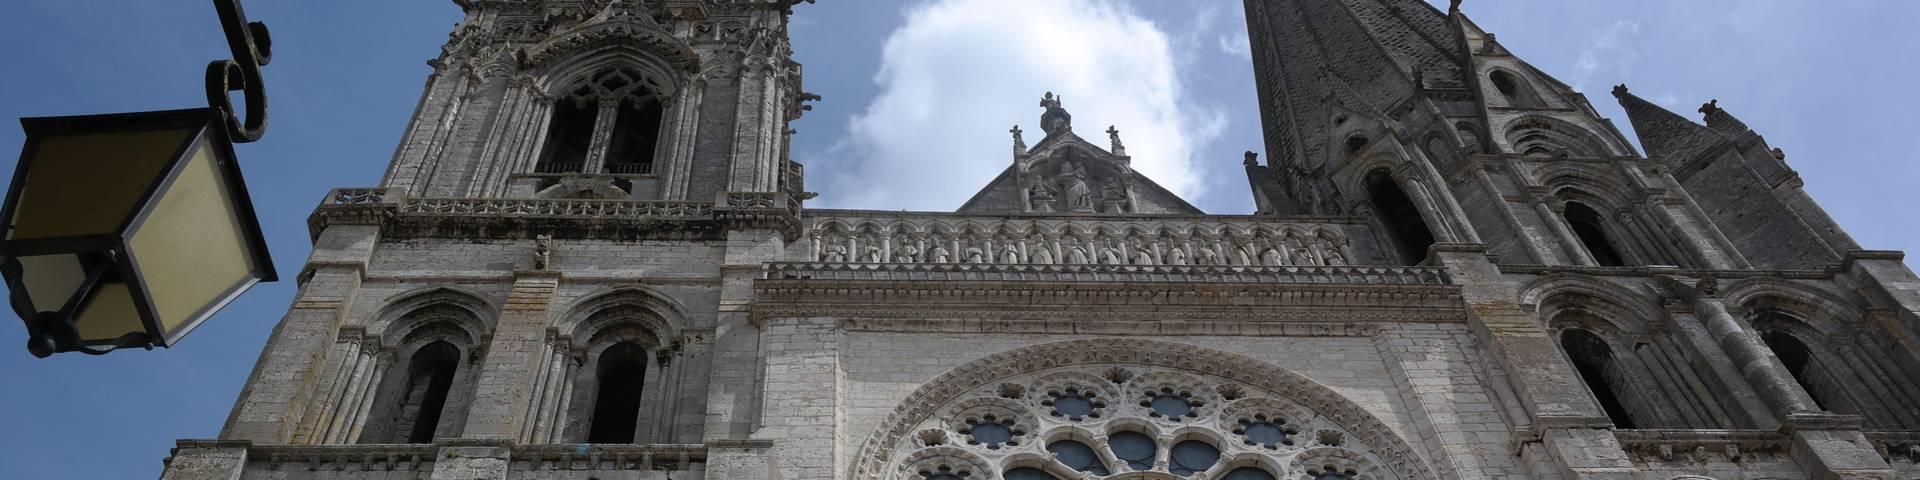 Façade de la cathédrale de Chartres